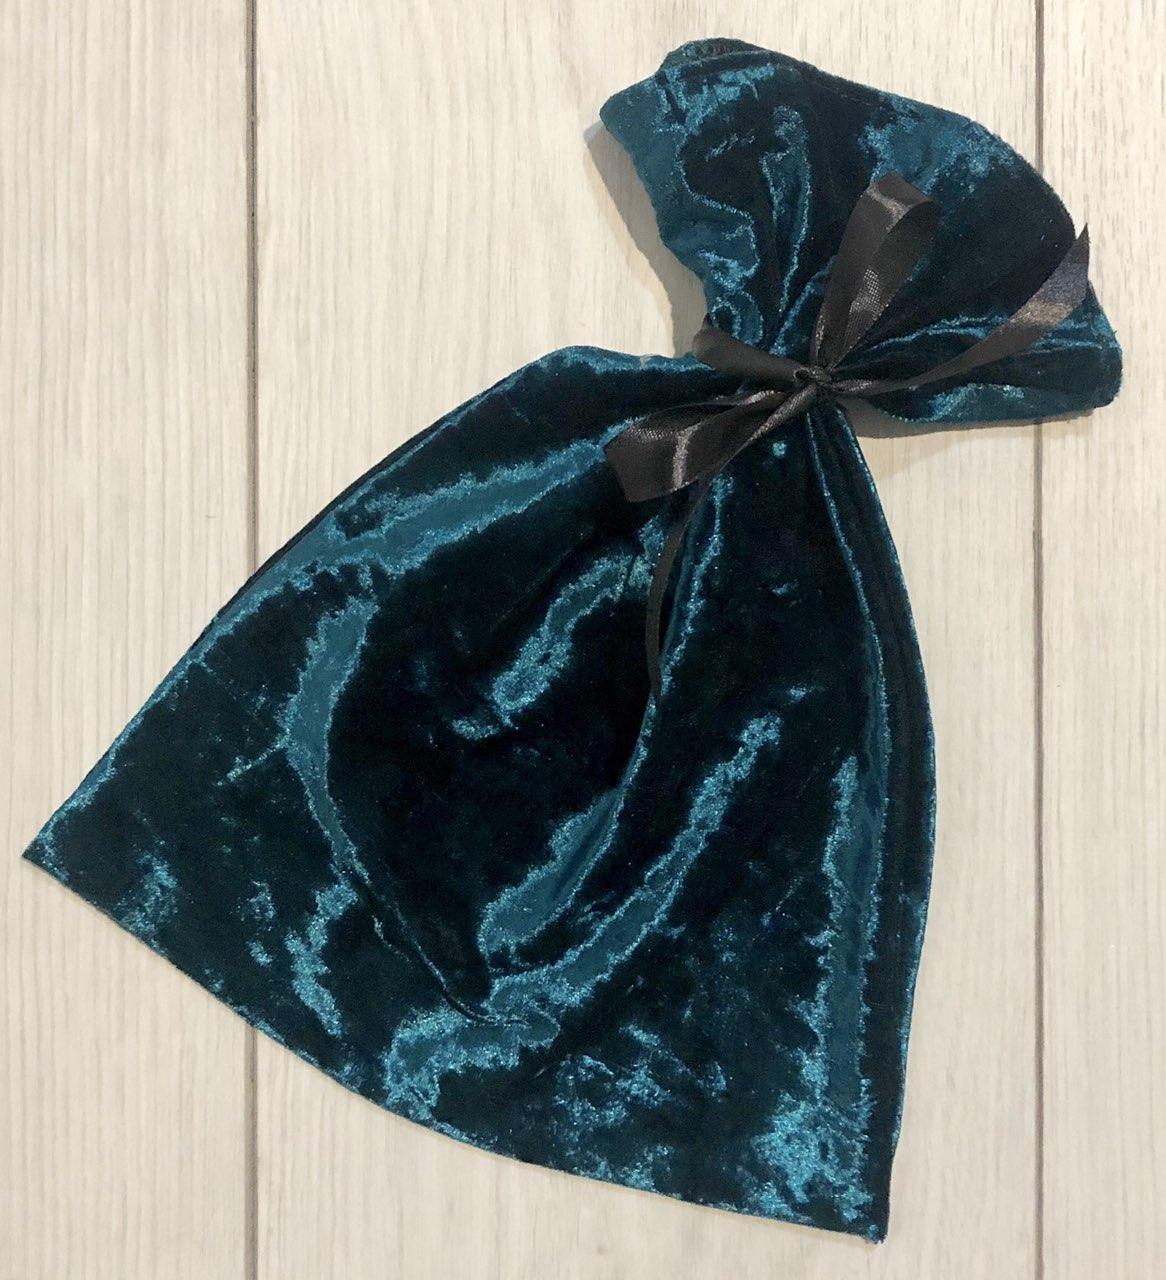 Сумочка из велюра для упаковки и хранения пижам, белья.